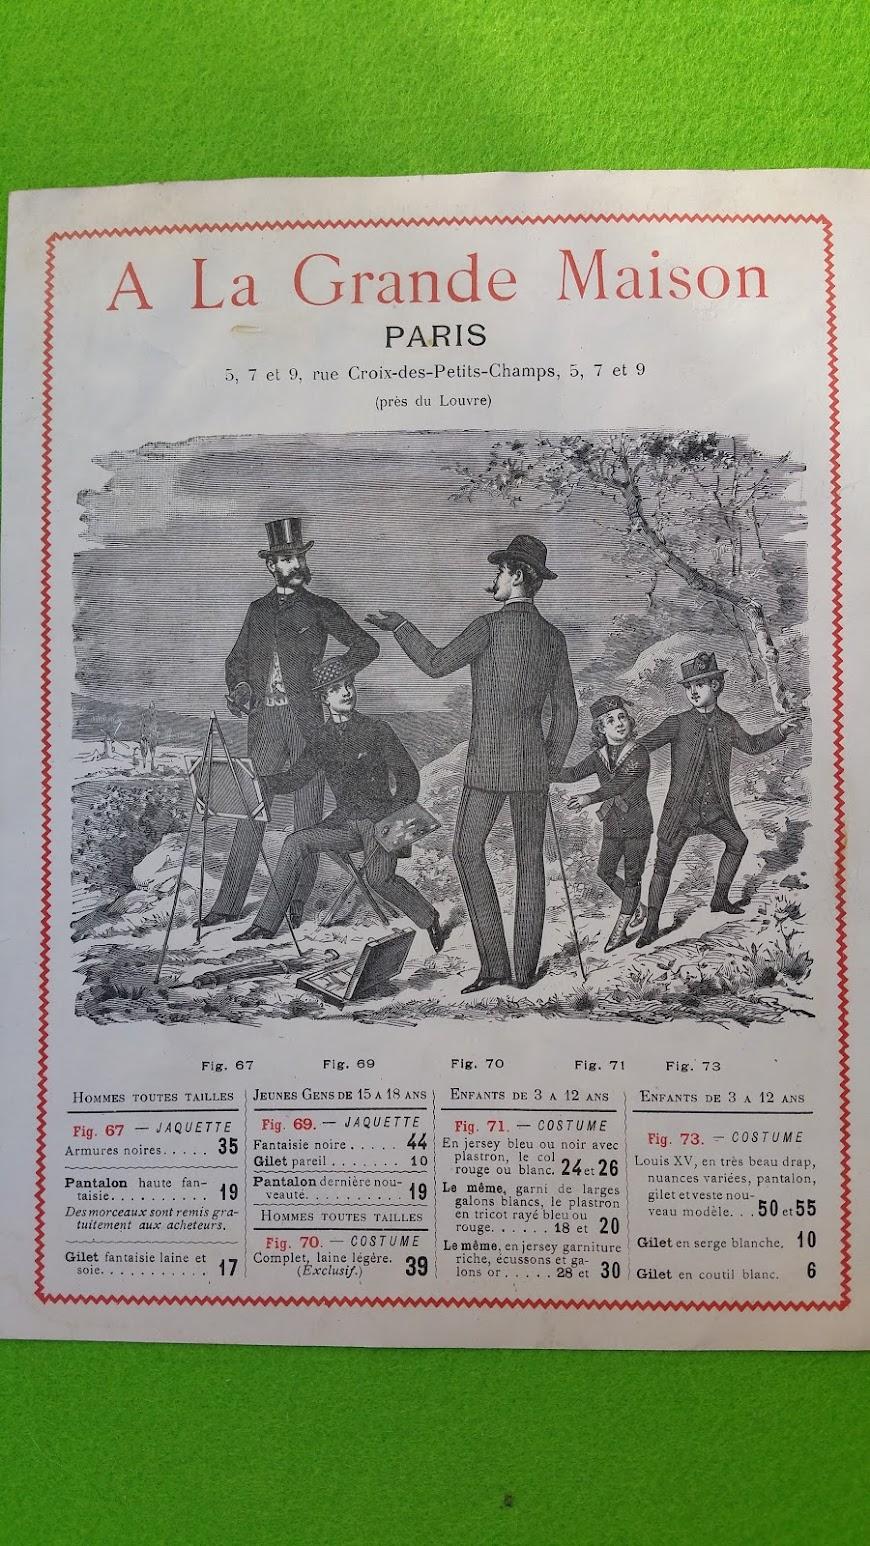 Programmblatt - Jardin Zoologique d'Acclimatation du Bois de Boulogne  - Paris 8. Mai 1887 - Werbung A La Grande Maison, Paris